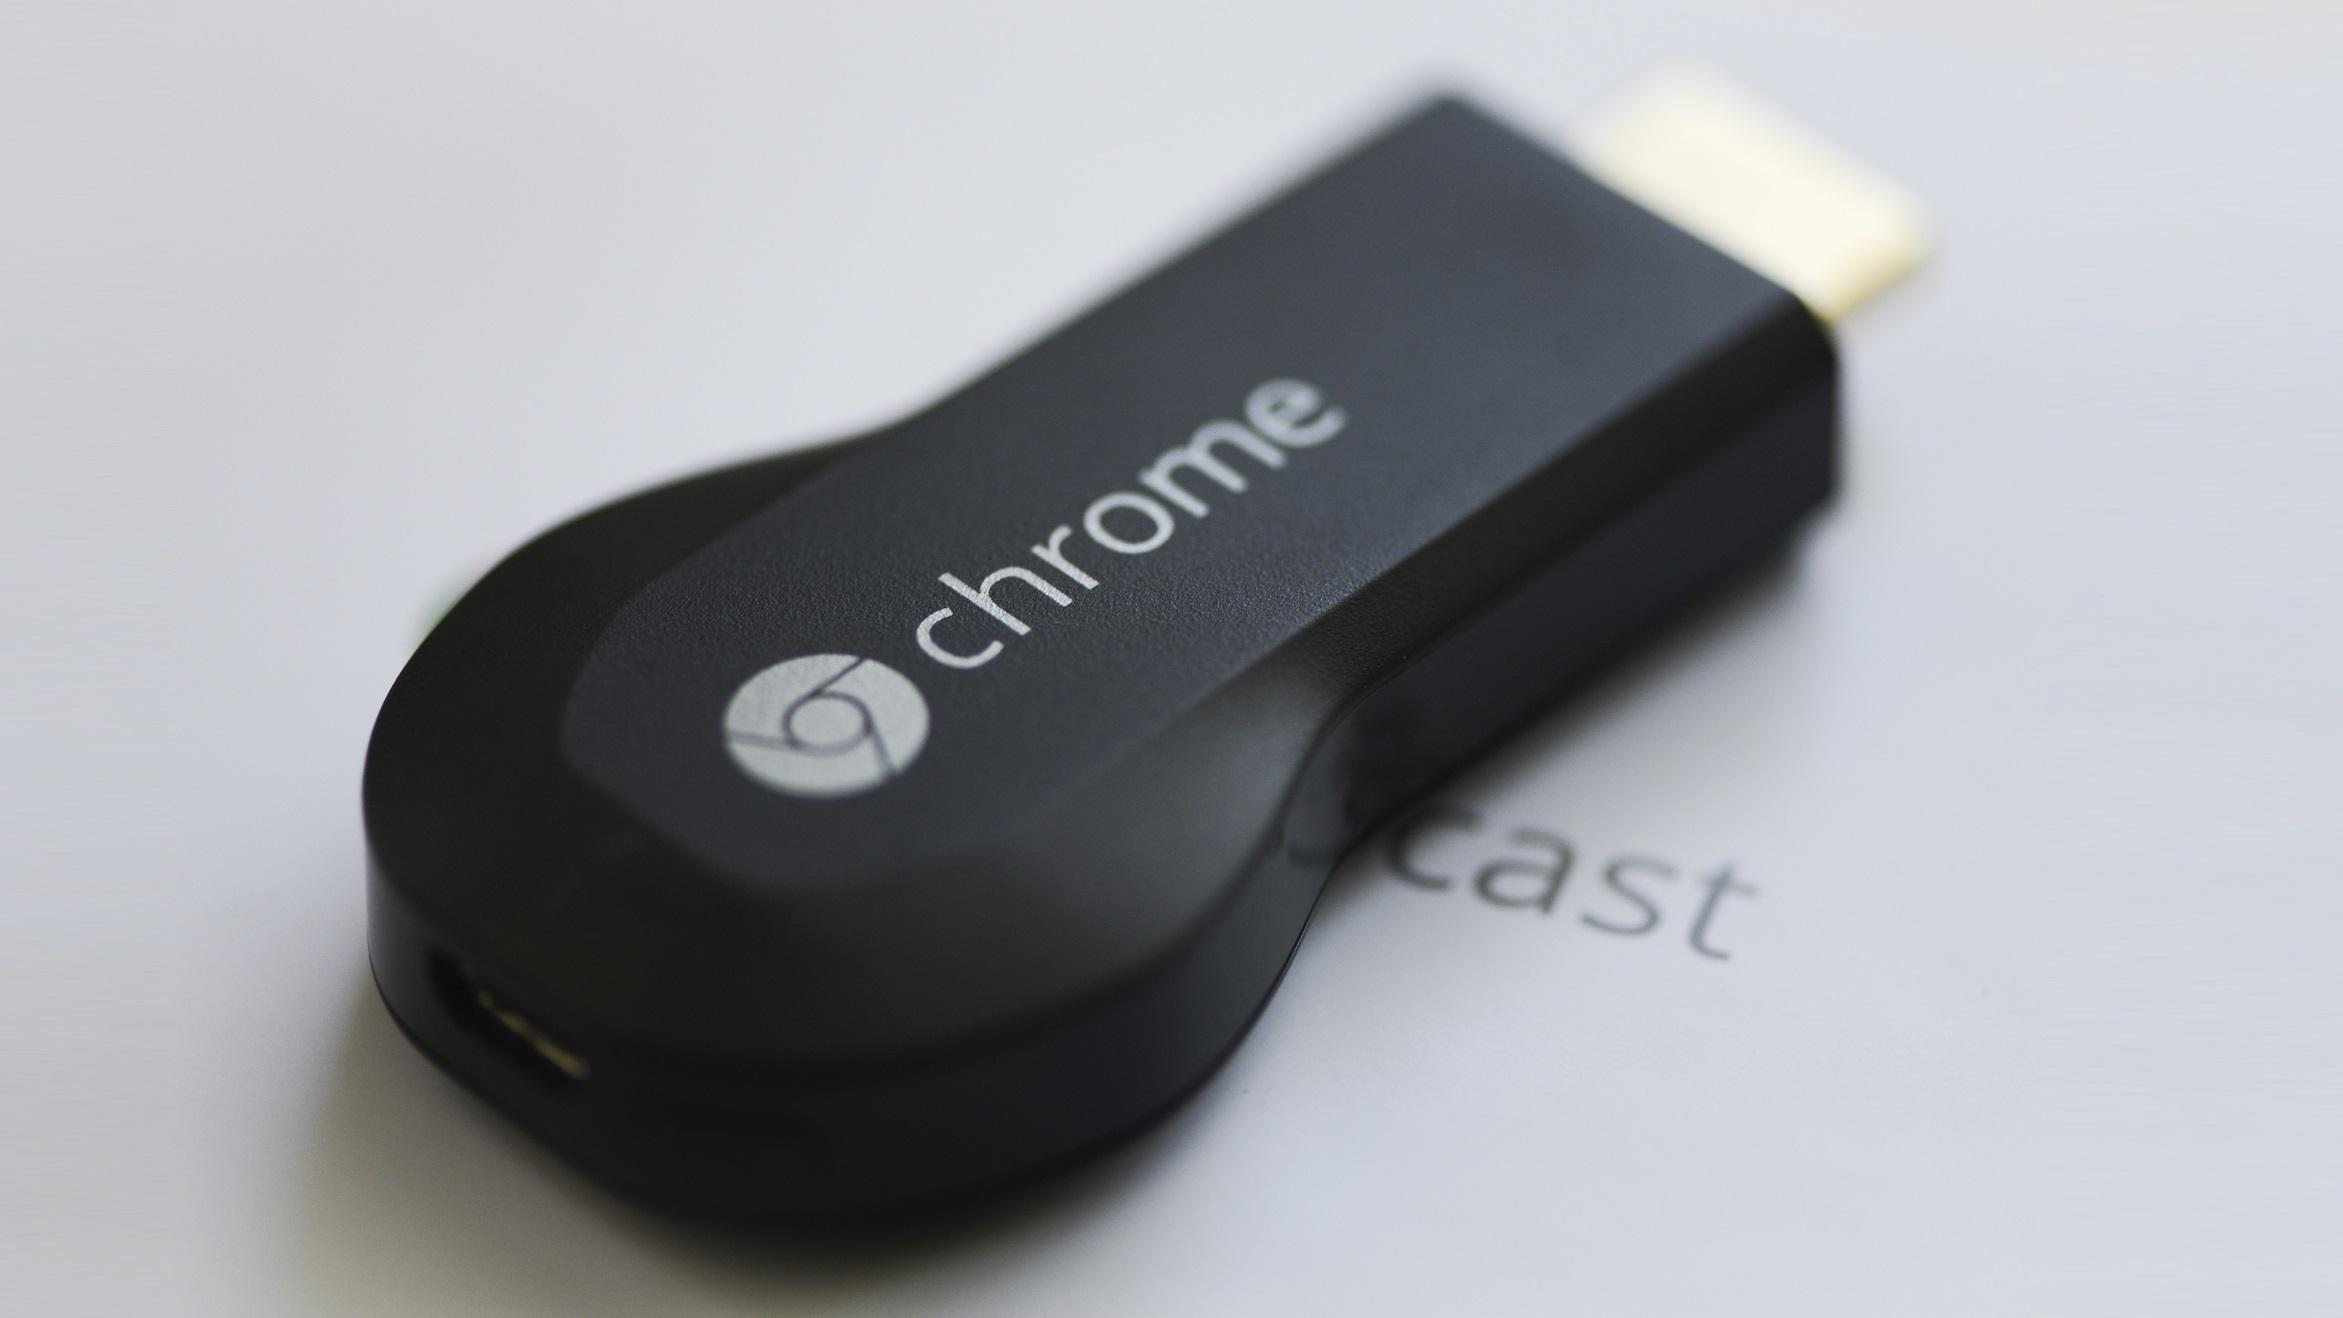 Você pode usar o Chromecast, do Google, com um controle remoto de TV